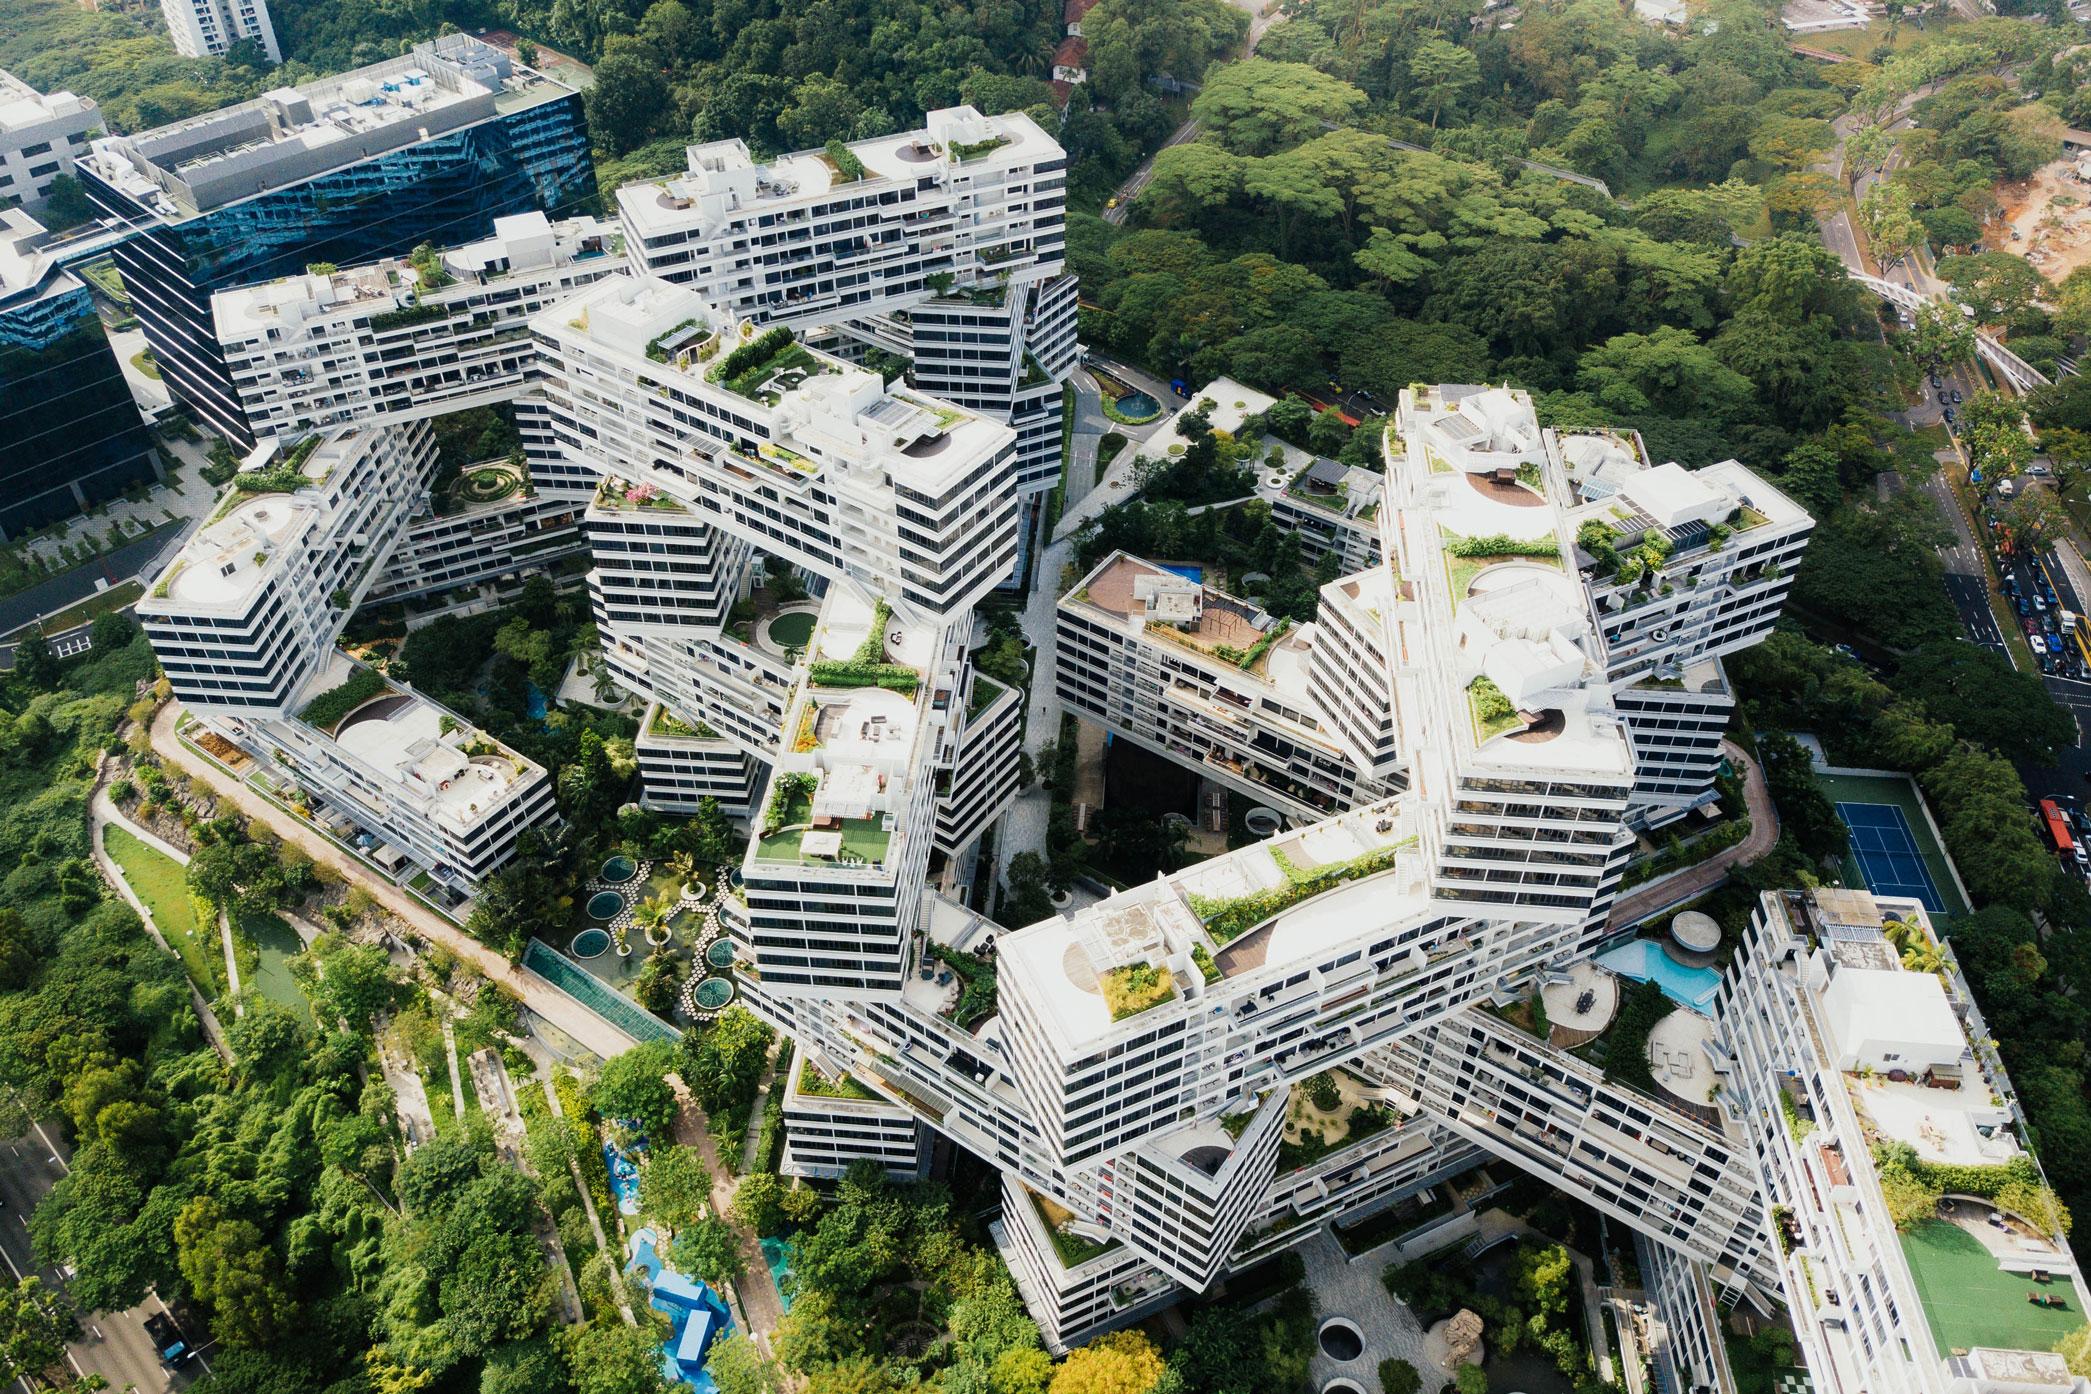 Vue aérienne d'une ville végétalisme